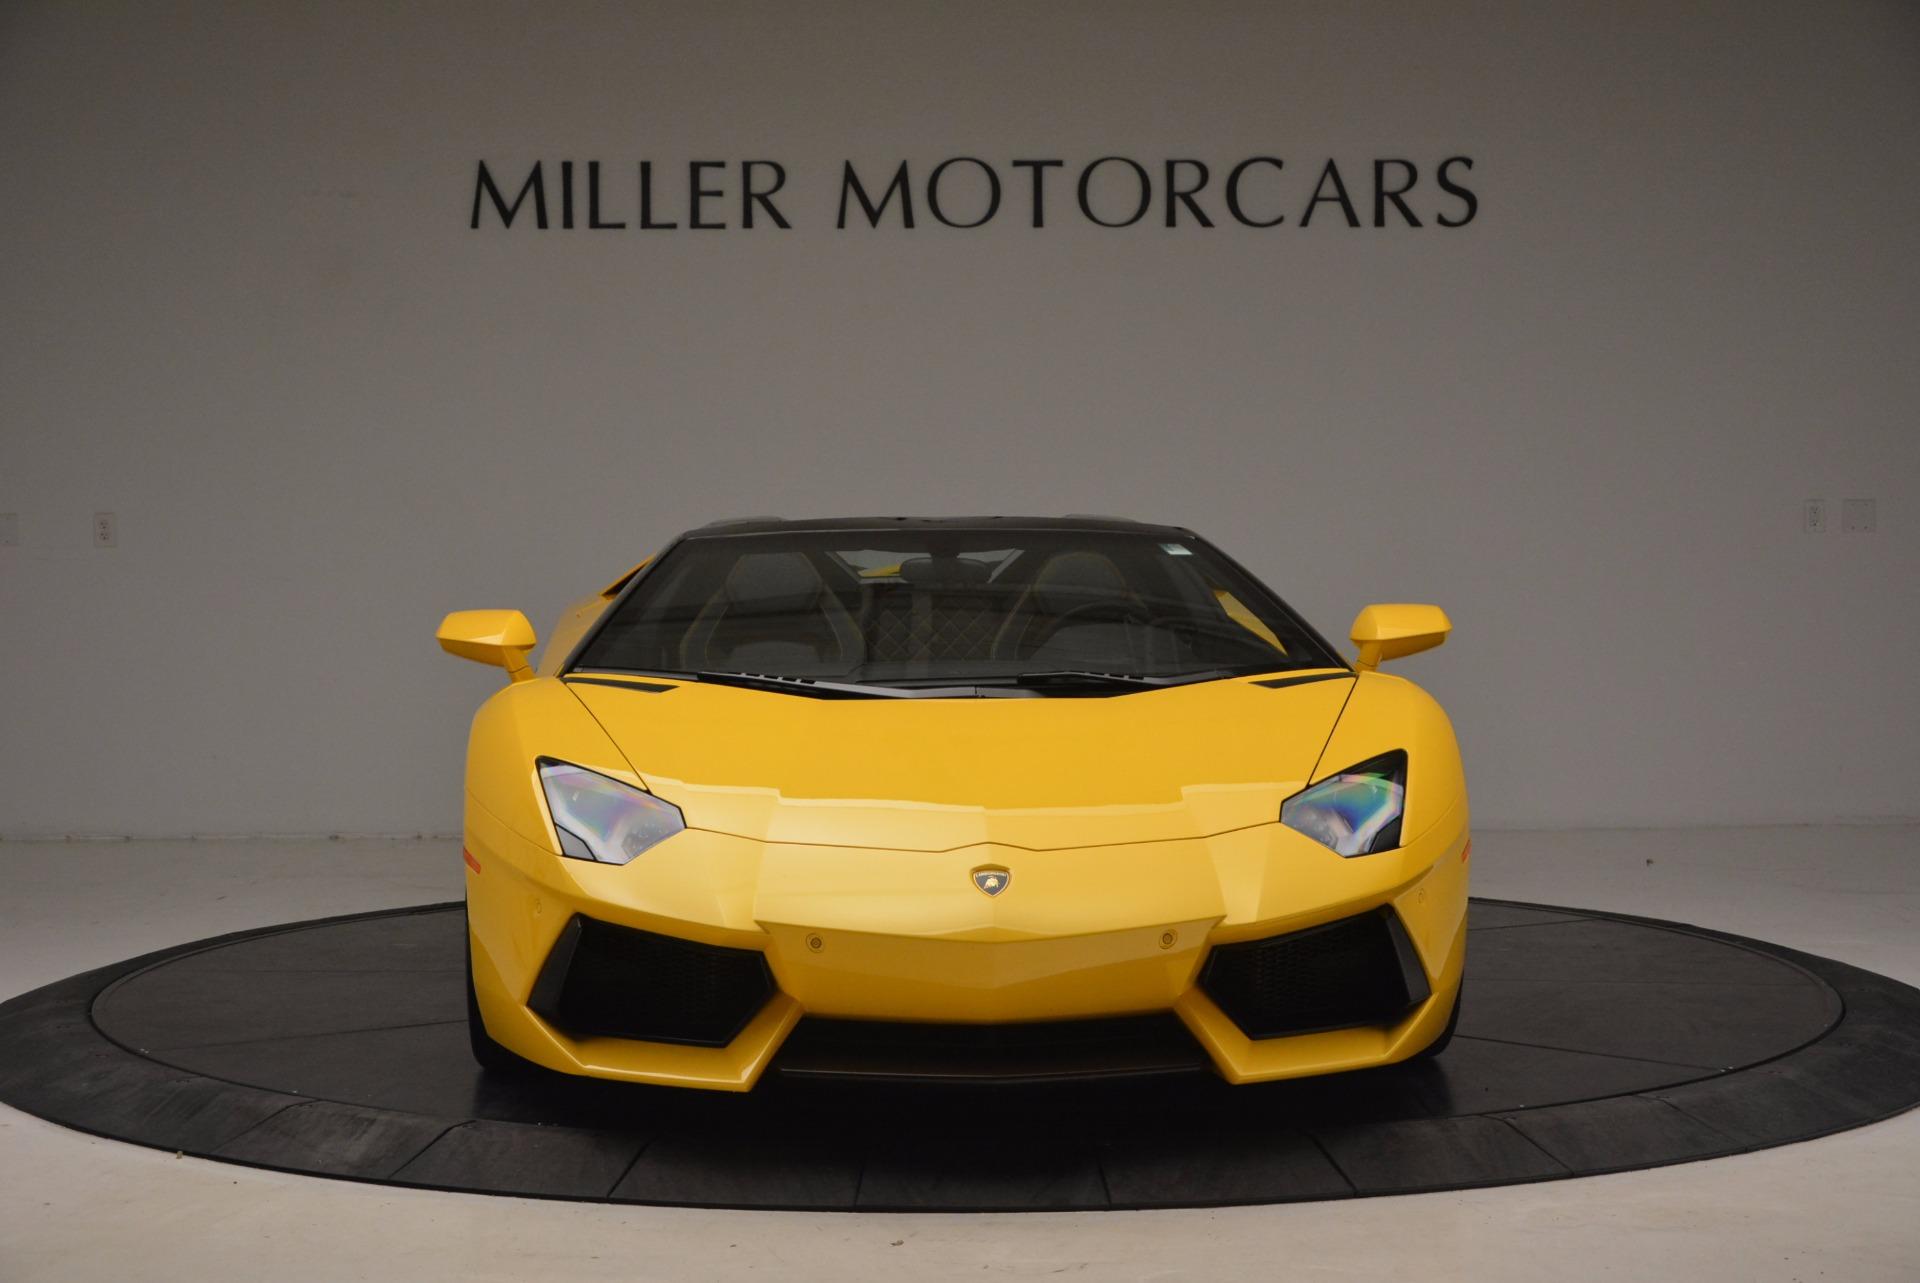 Used 2015 Lamborghini Aventador LP 700-4 Roadster For Sale In Greenwich, CT. Alfa Romeo of Greenwich, 7284 1774_p13